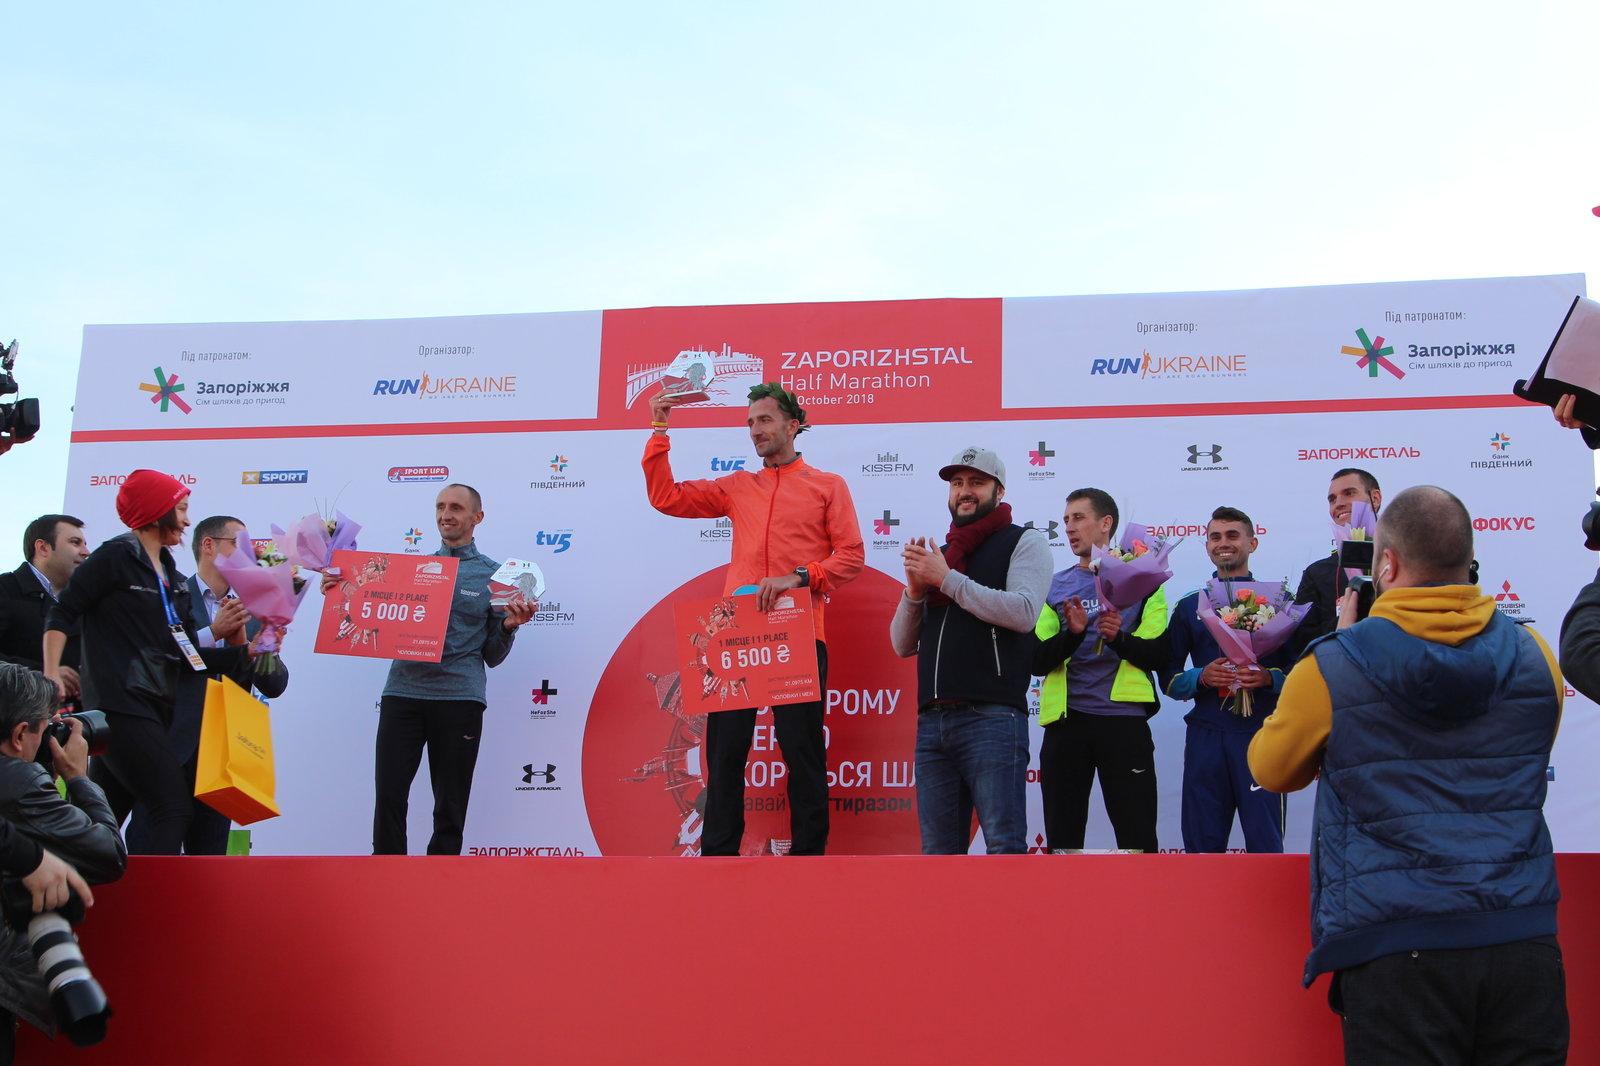 В Запорожье наградили победителей полумарафона и забегов на 5 километров - ФОТО